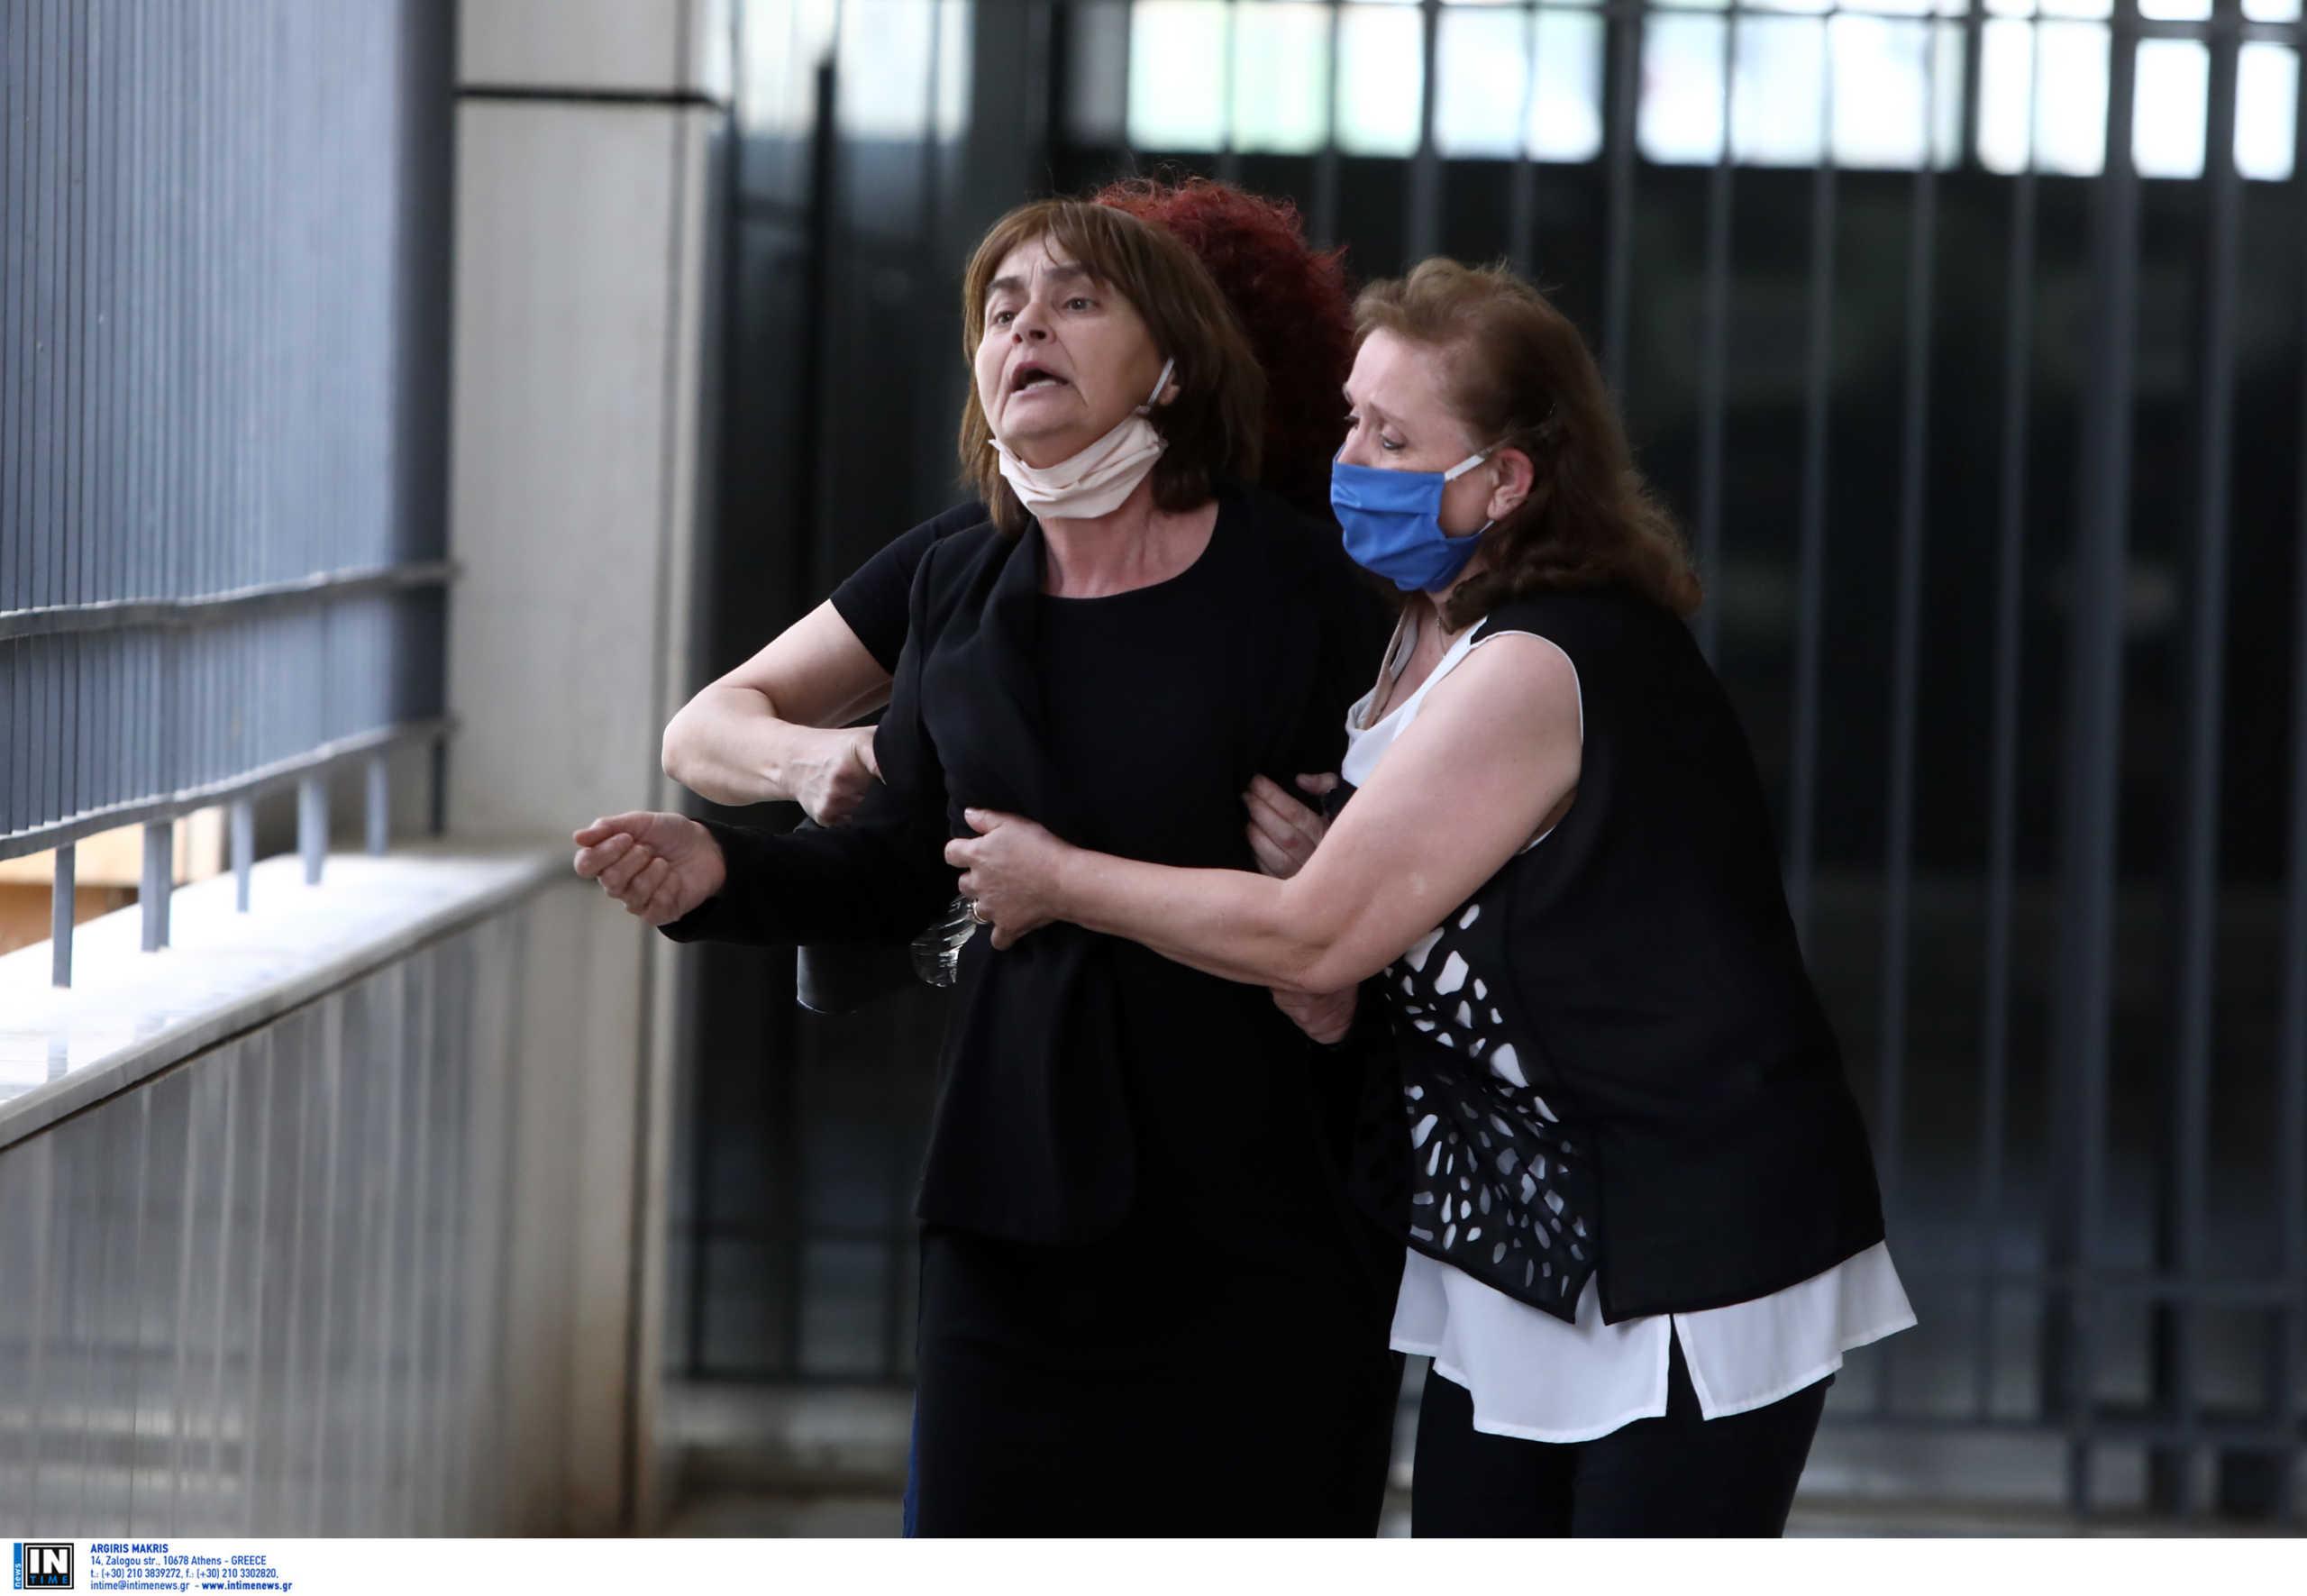 Δολοφονία Τοπαλούδη: Να μην αναγνωριστεί κανένα ελαφρυντικό στους κατηγορούμενους ζήτησε η εισαγγελέας